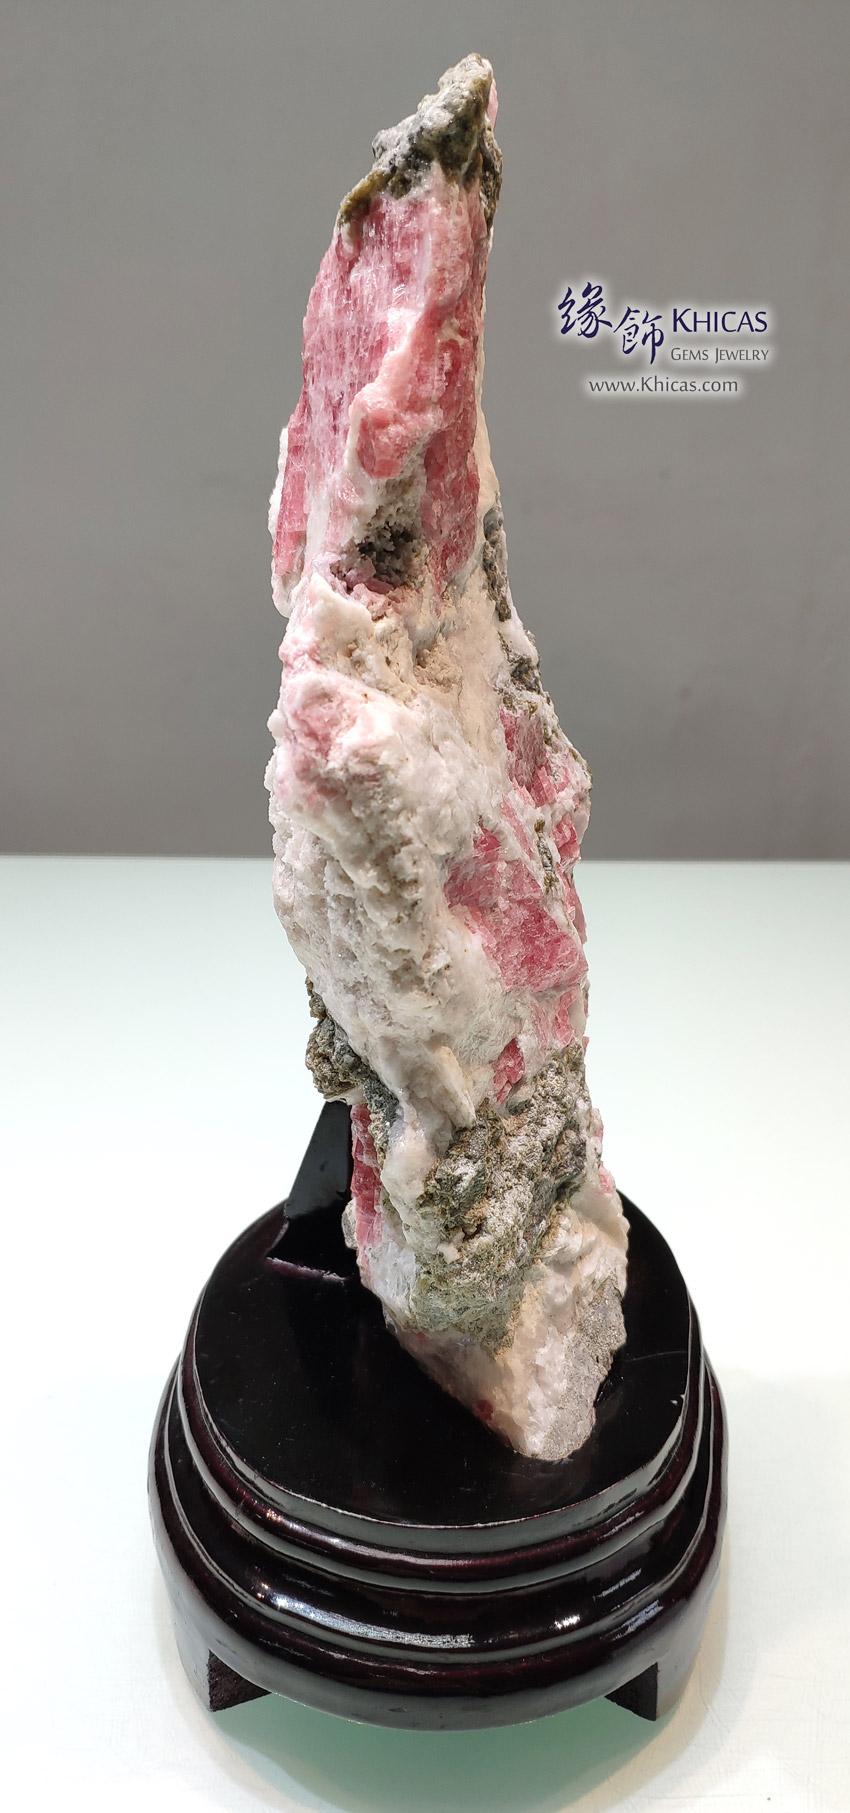 紅紋石+黃銅礦共生原石/原礦擺設 Rhodochrosite x Chalcopyrite Rough Raw Stone DEC1410190 @ Khicas Gems Jewelry 緣飾天然水晶